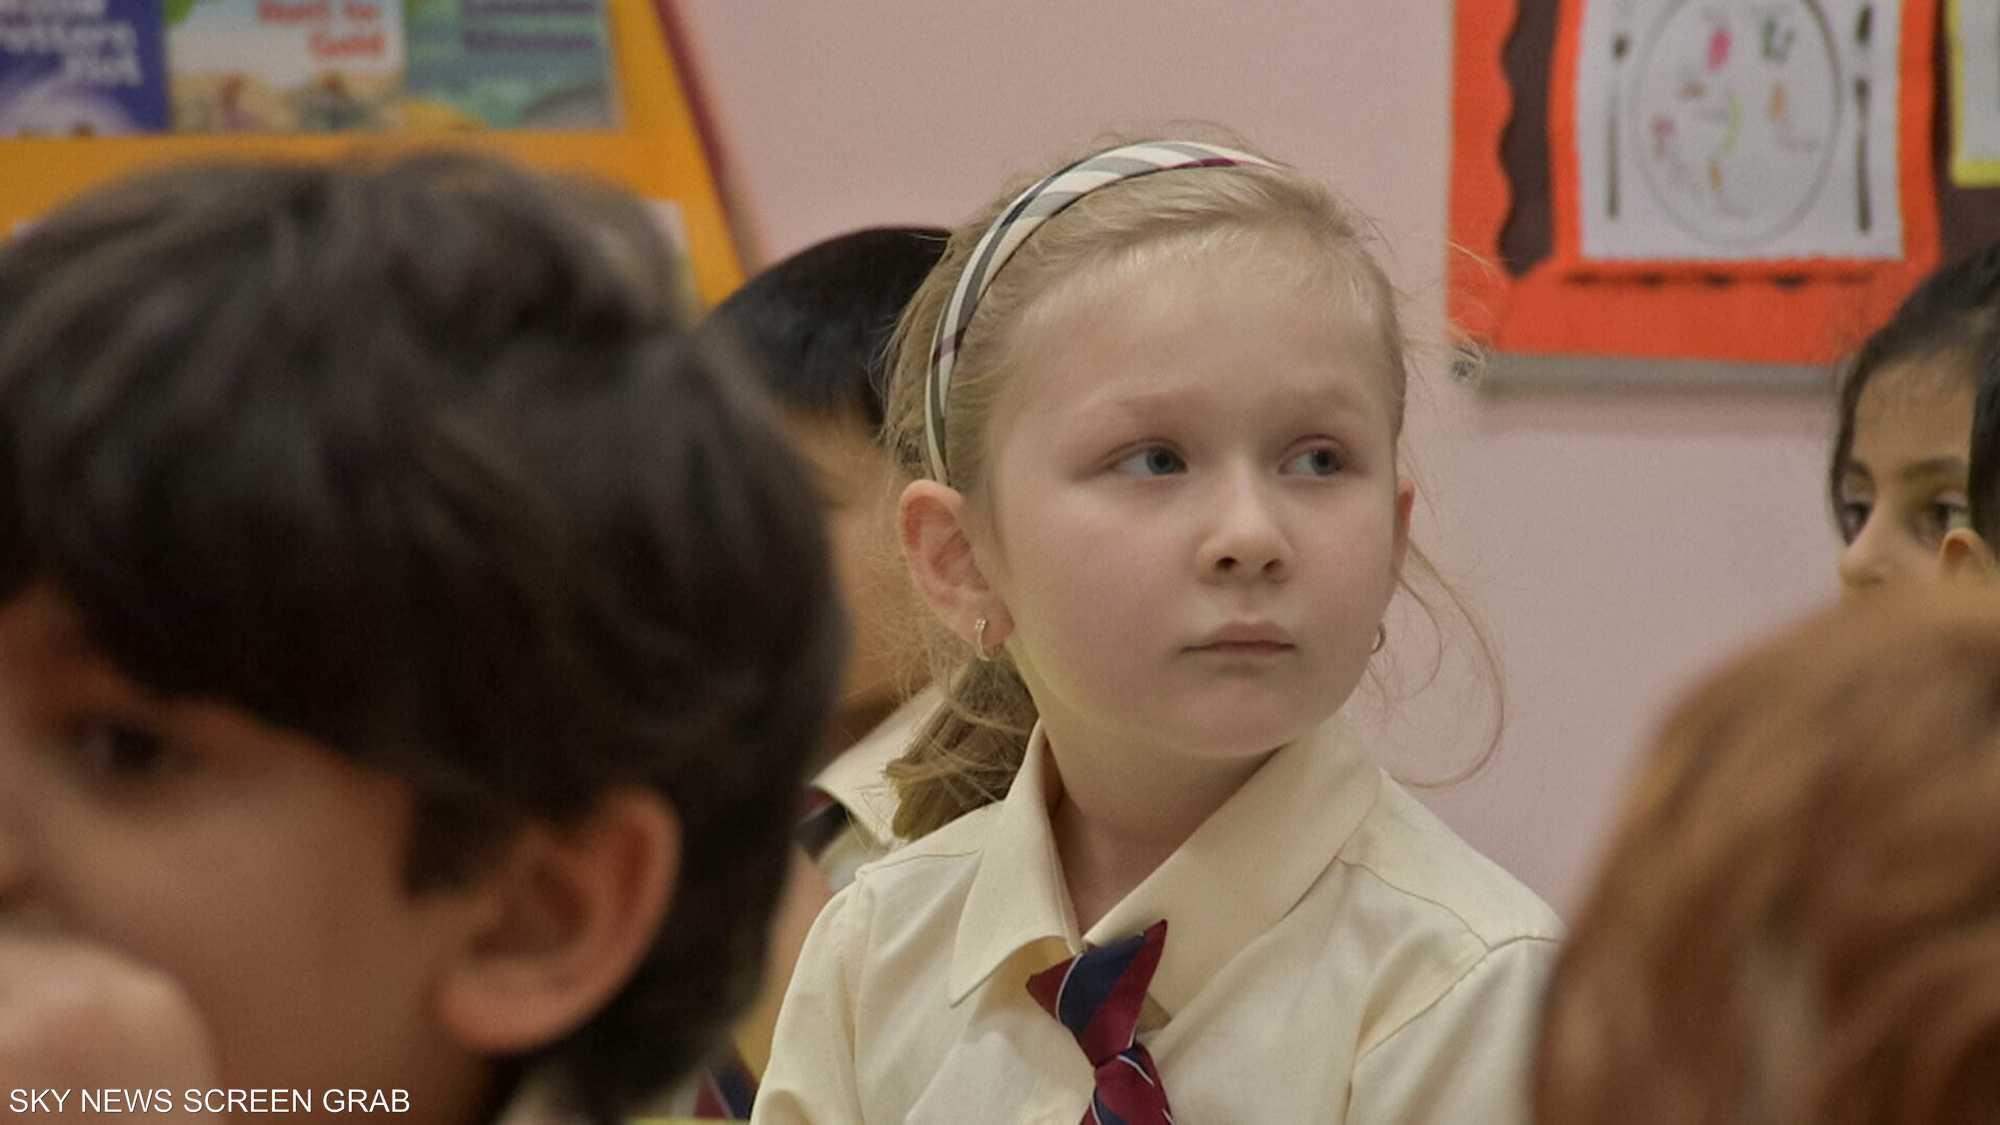 سلامة الطفل في المدرسة